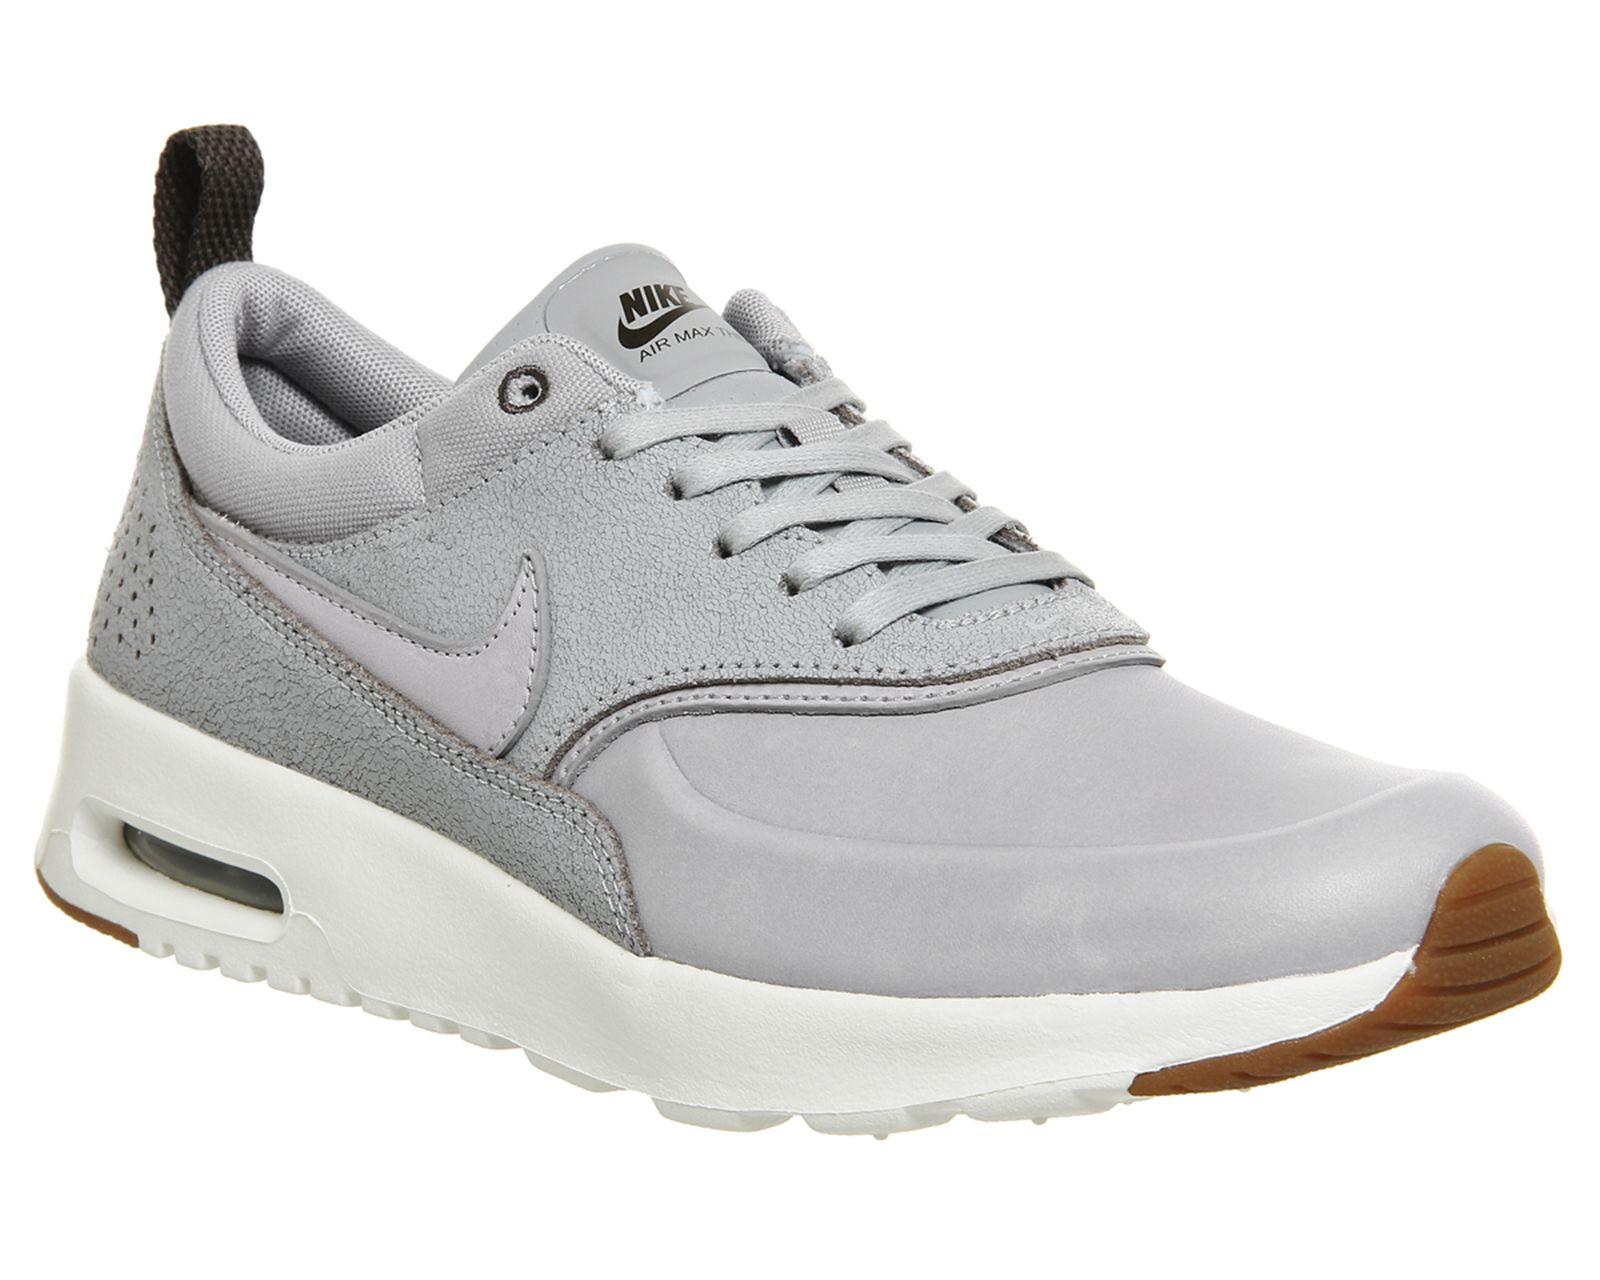 Nike Air Max Thea Wolf Grey Sail Gum Prm | Shoes | Nike air